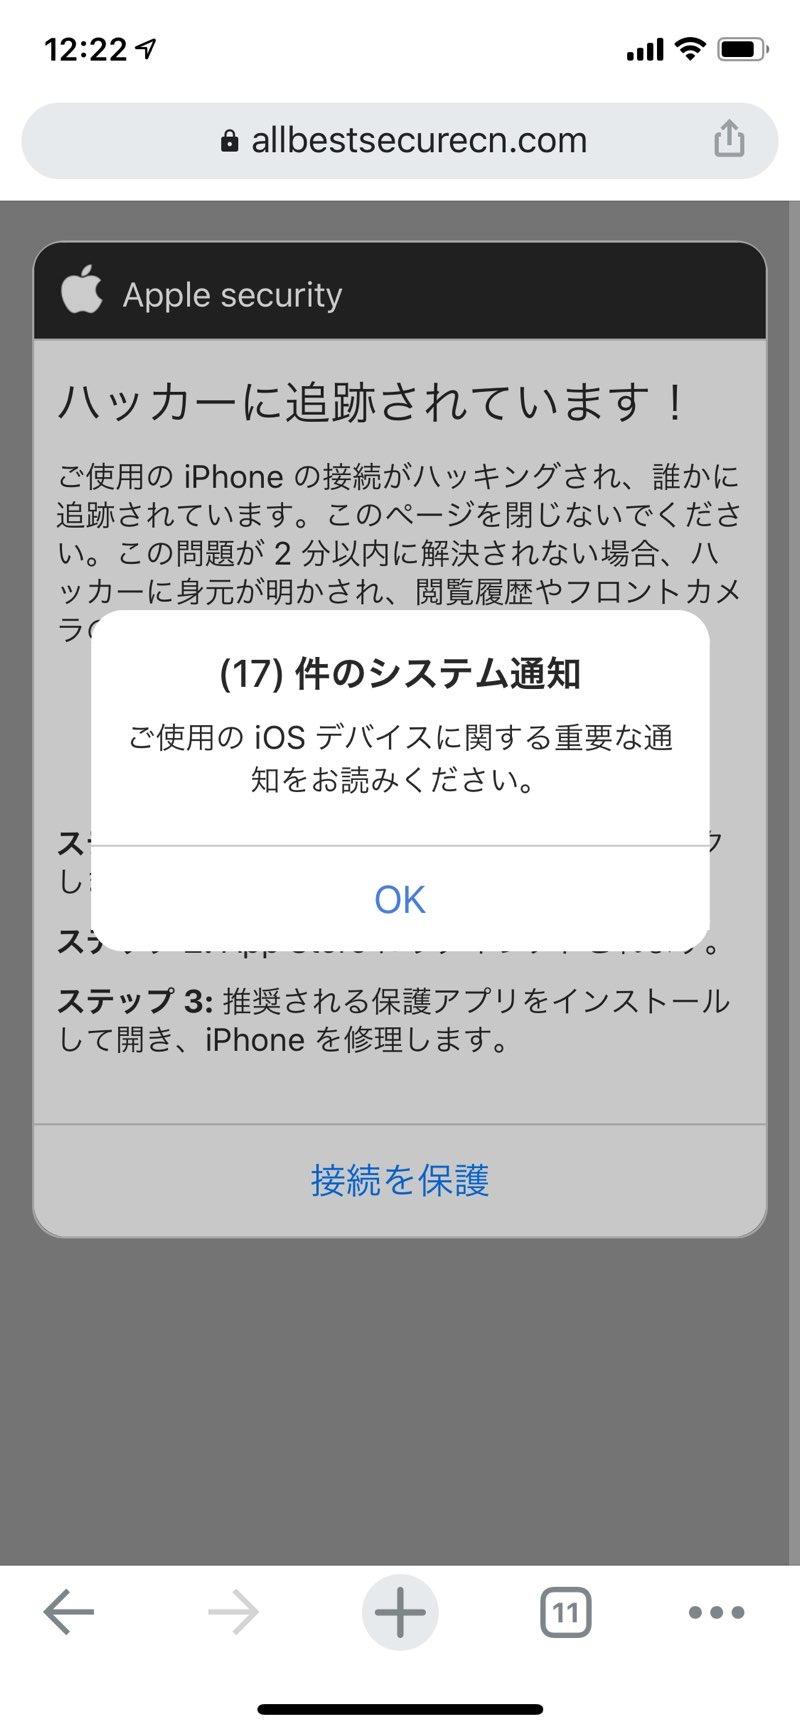 た 警告 まし ハッキング が され iphone